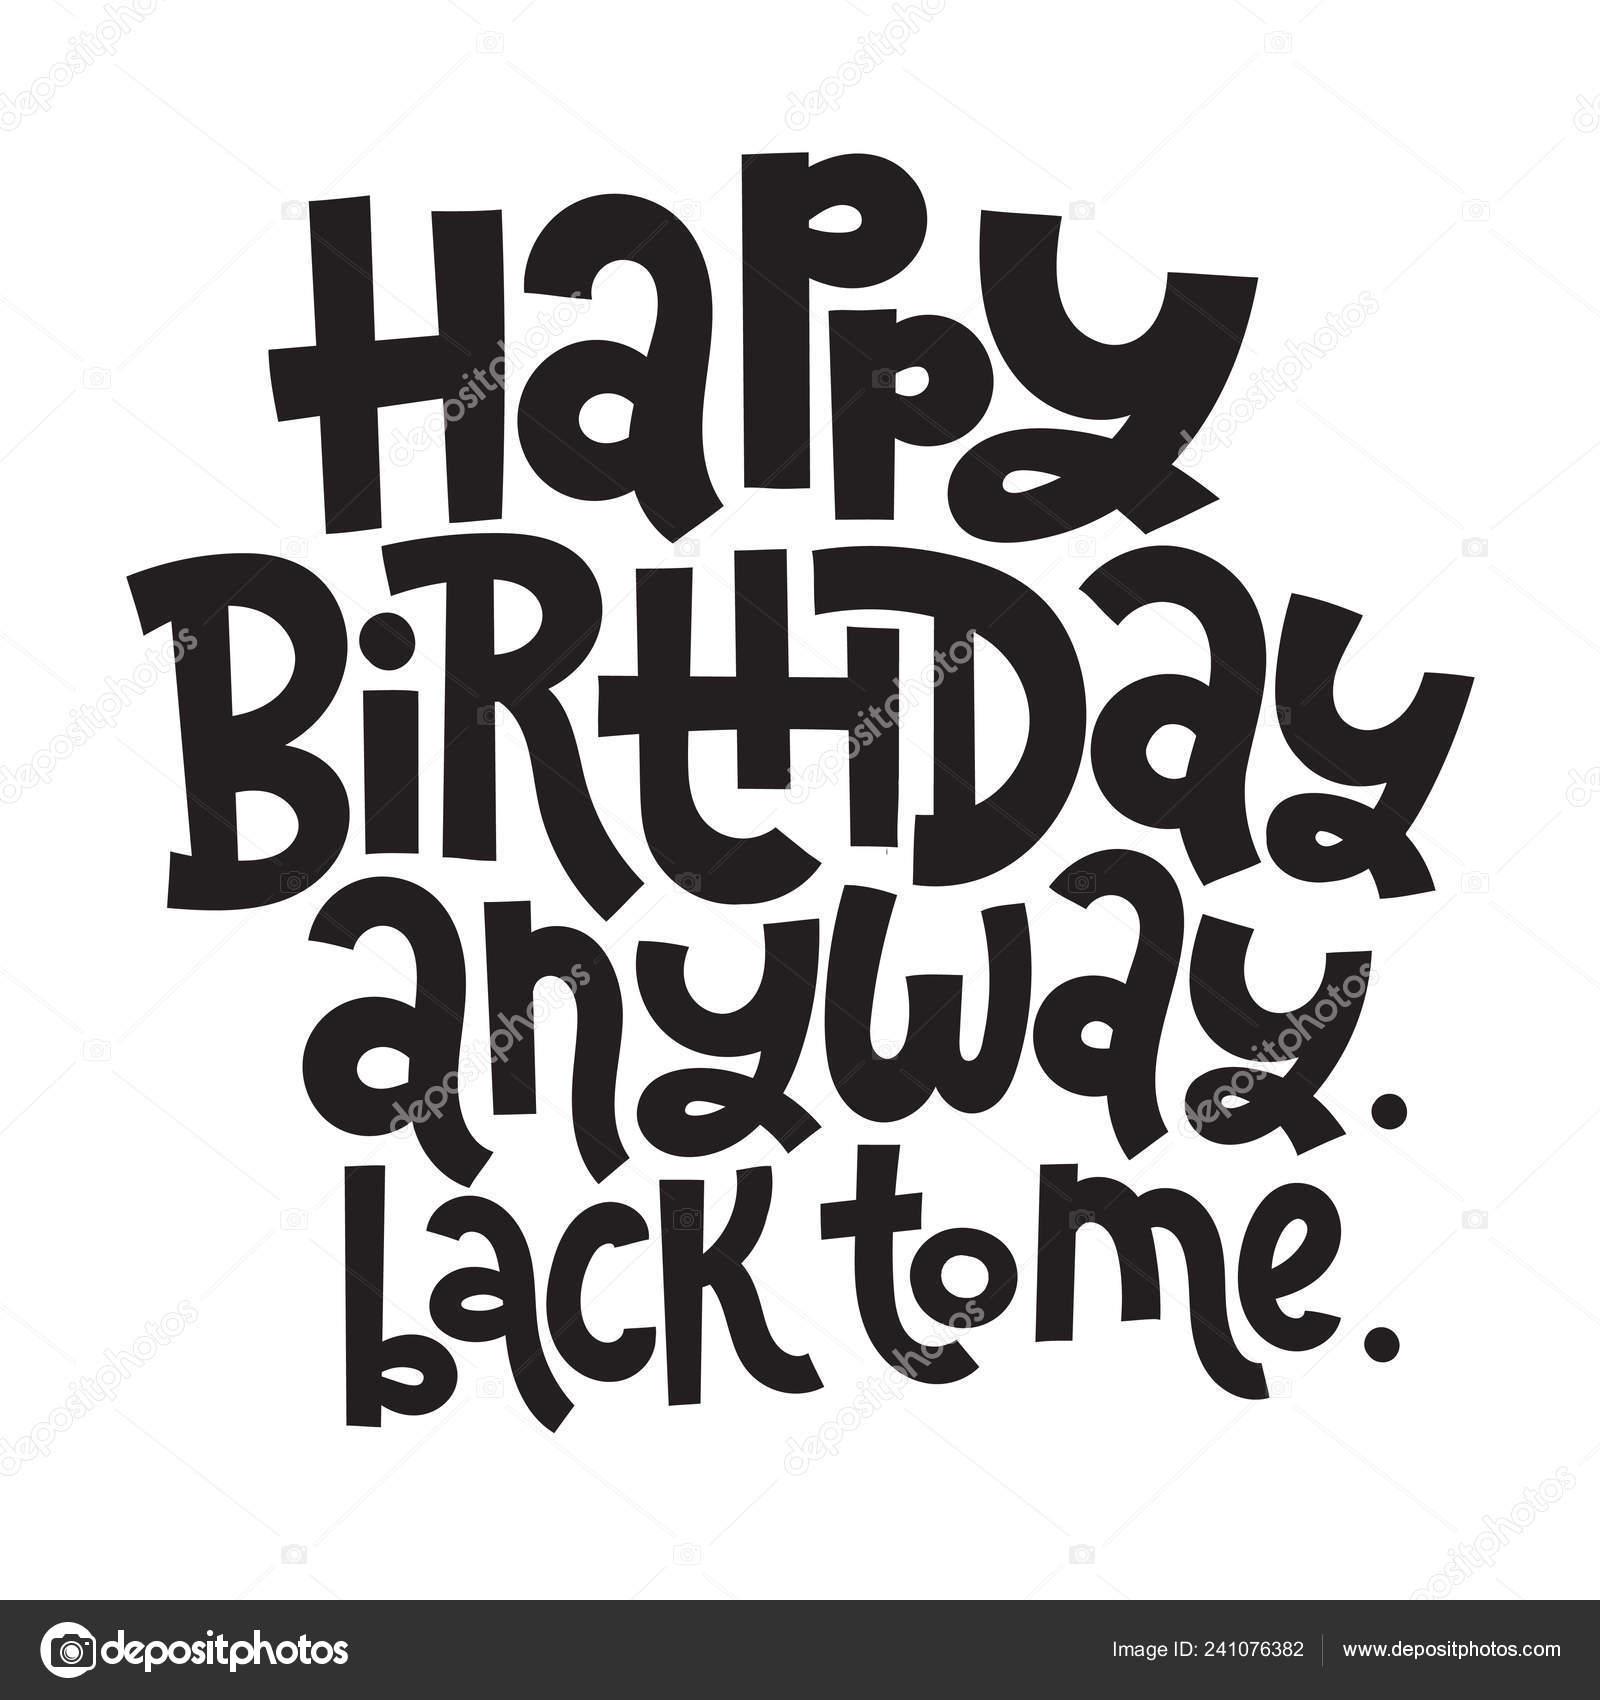 Irreverent Birthday Funny Comical Birthday Slogan Stylized